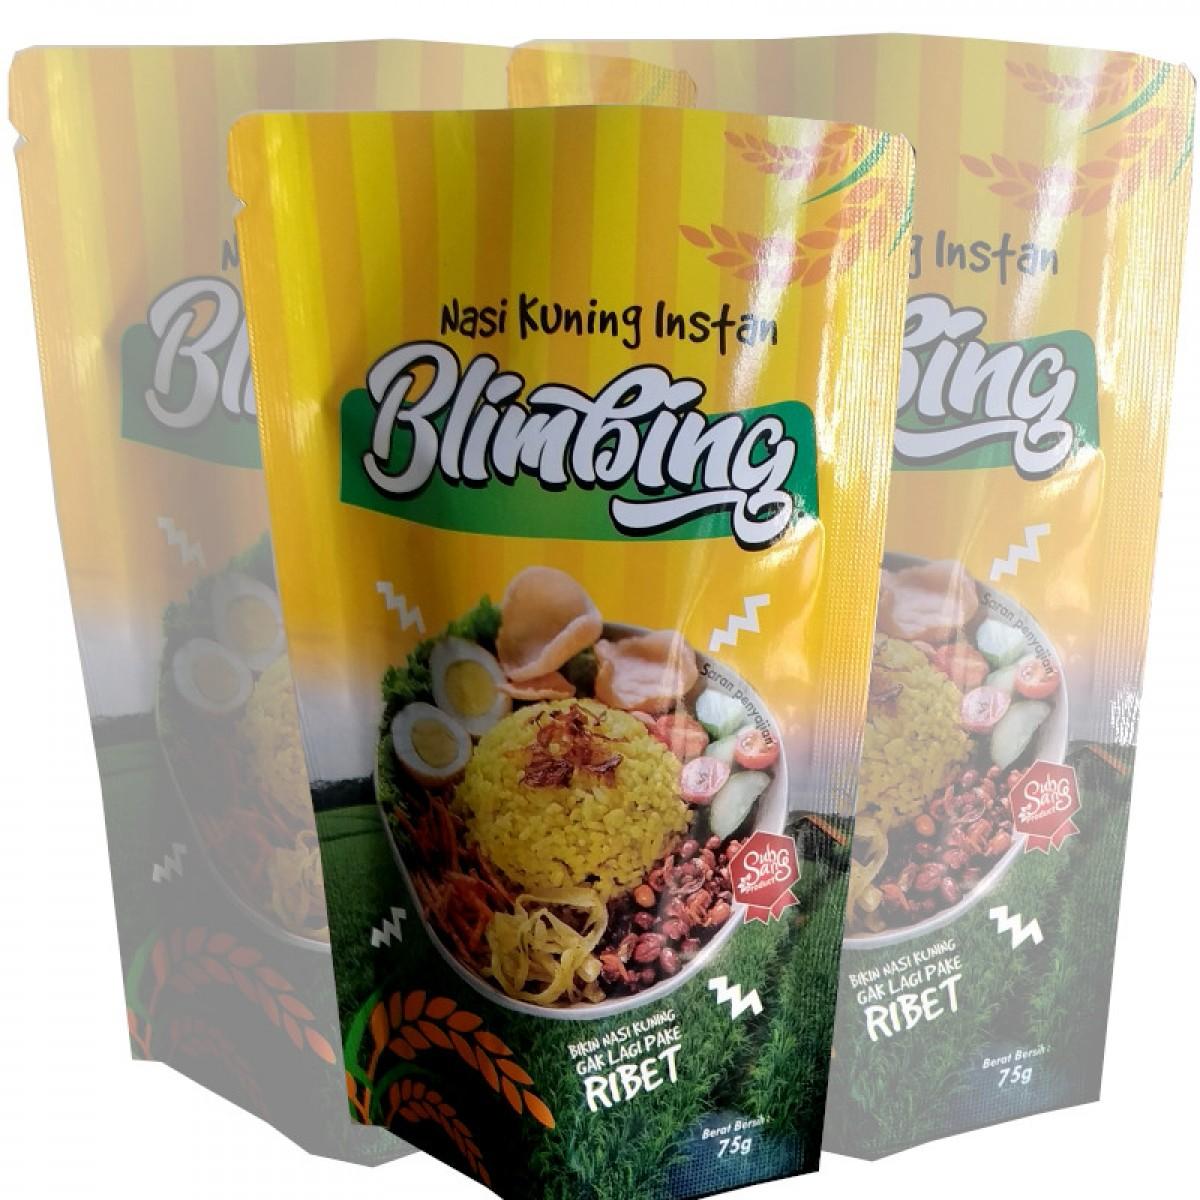 Nasi Kuning Instant Blimbing